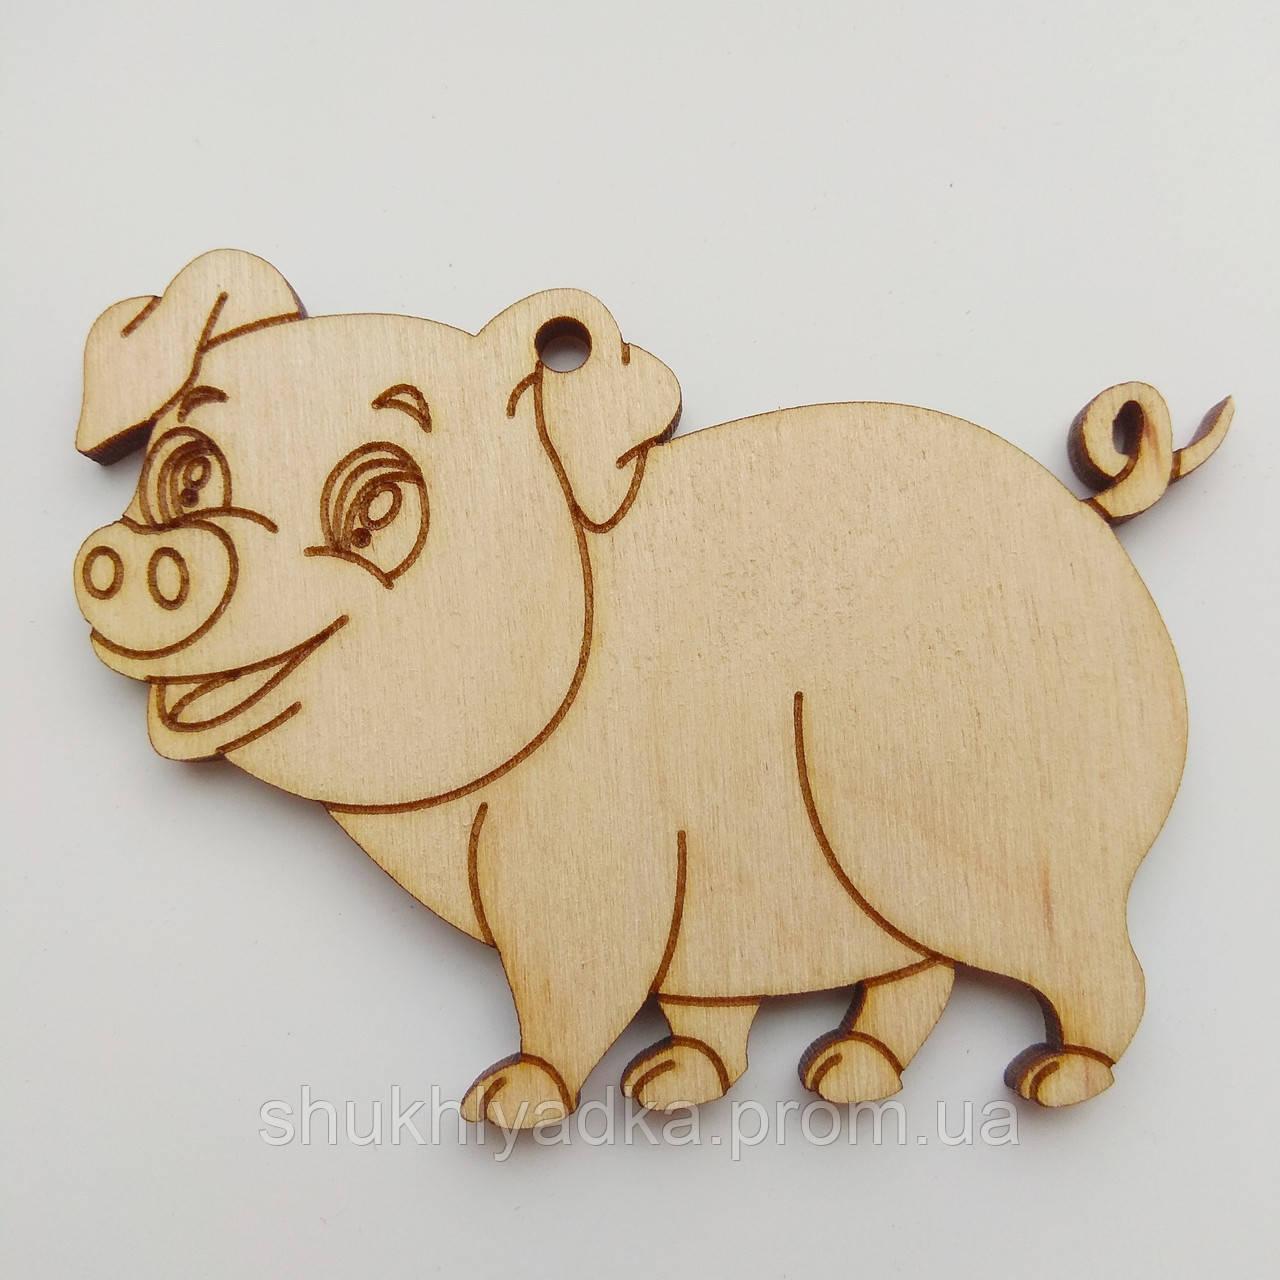 Новогодняя деревянная елочная игрушка Свинка_четыре лапки_деревянная заготовка_Новый год